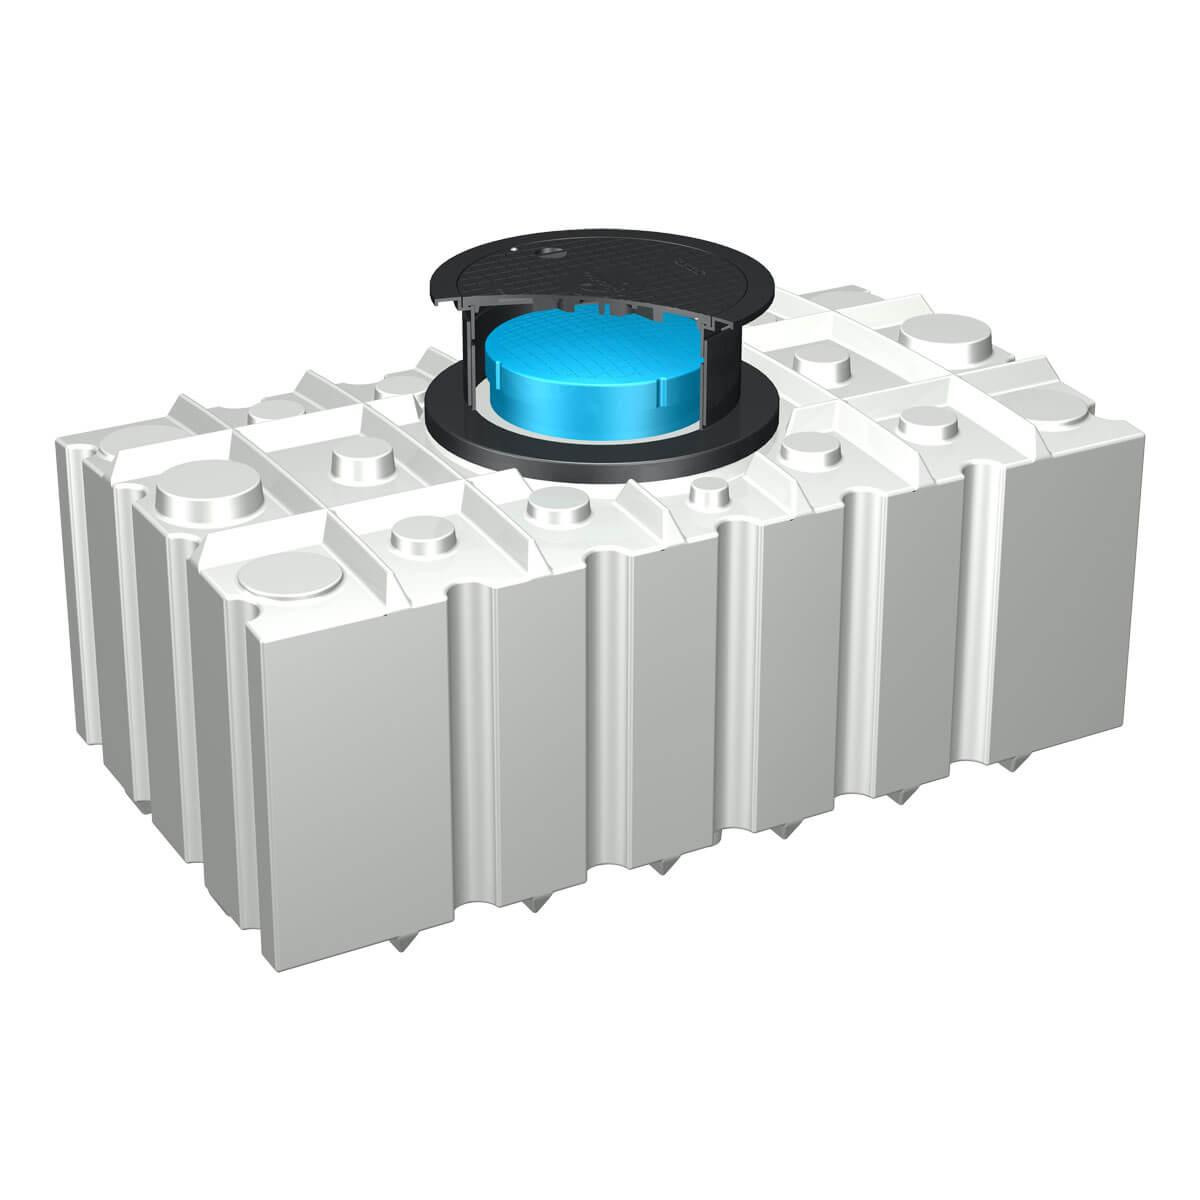 trinkwasser flachtank gftw 2000 l trinkwasser zisternexxl. Black Bedroom Furniture Sets. Home Design Ideas